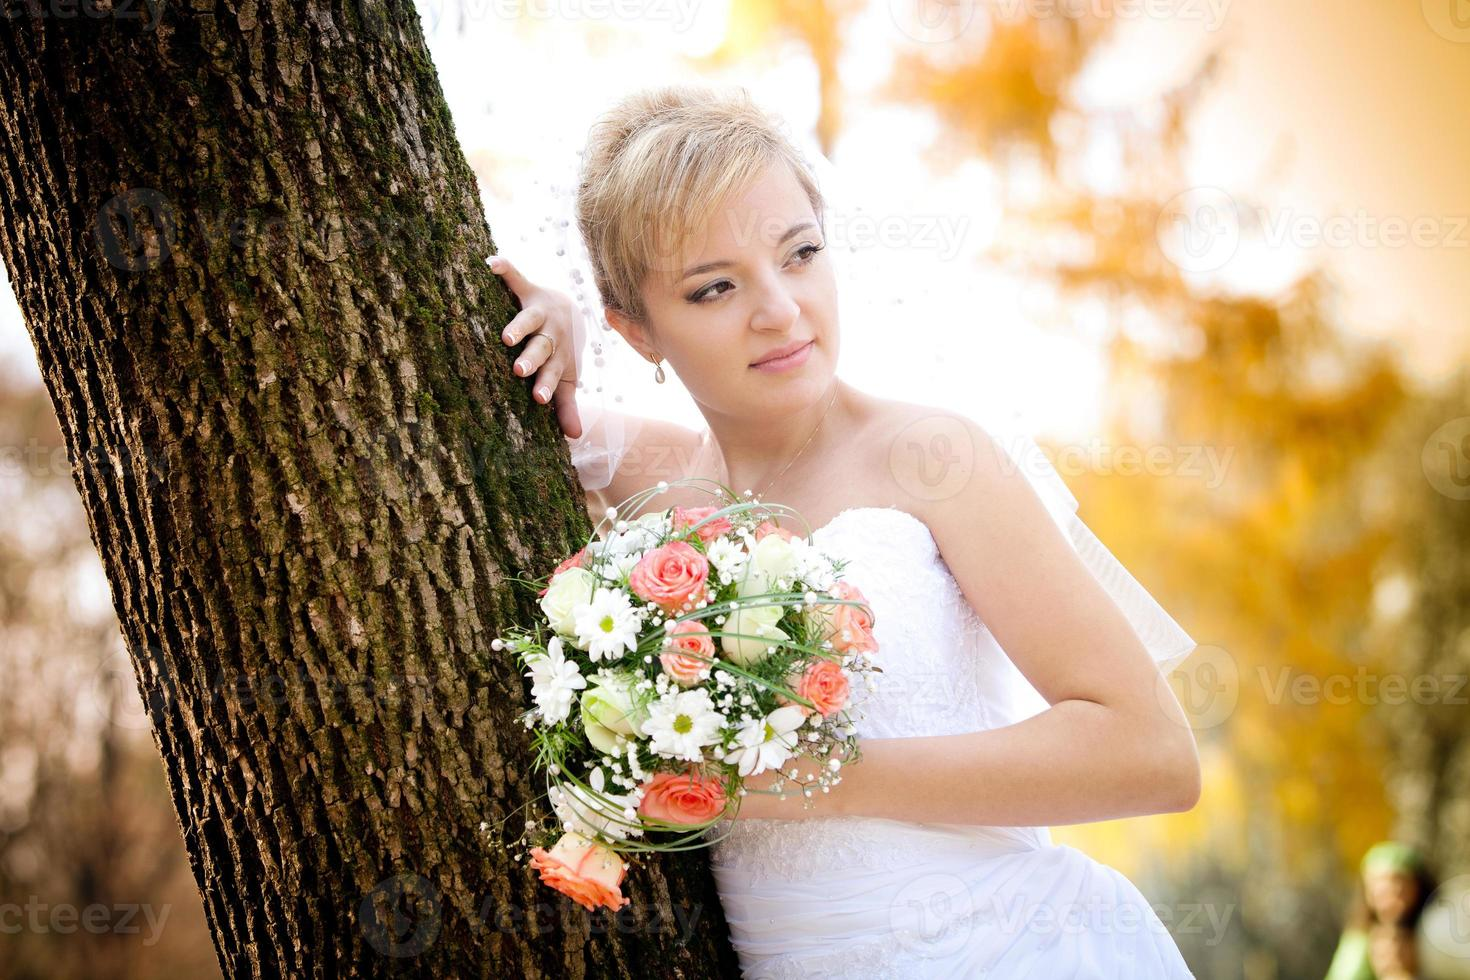 hermosa novia foto